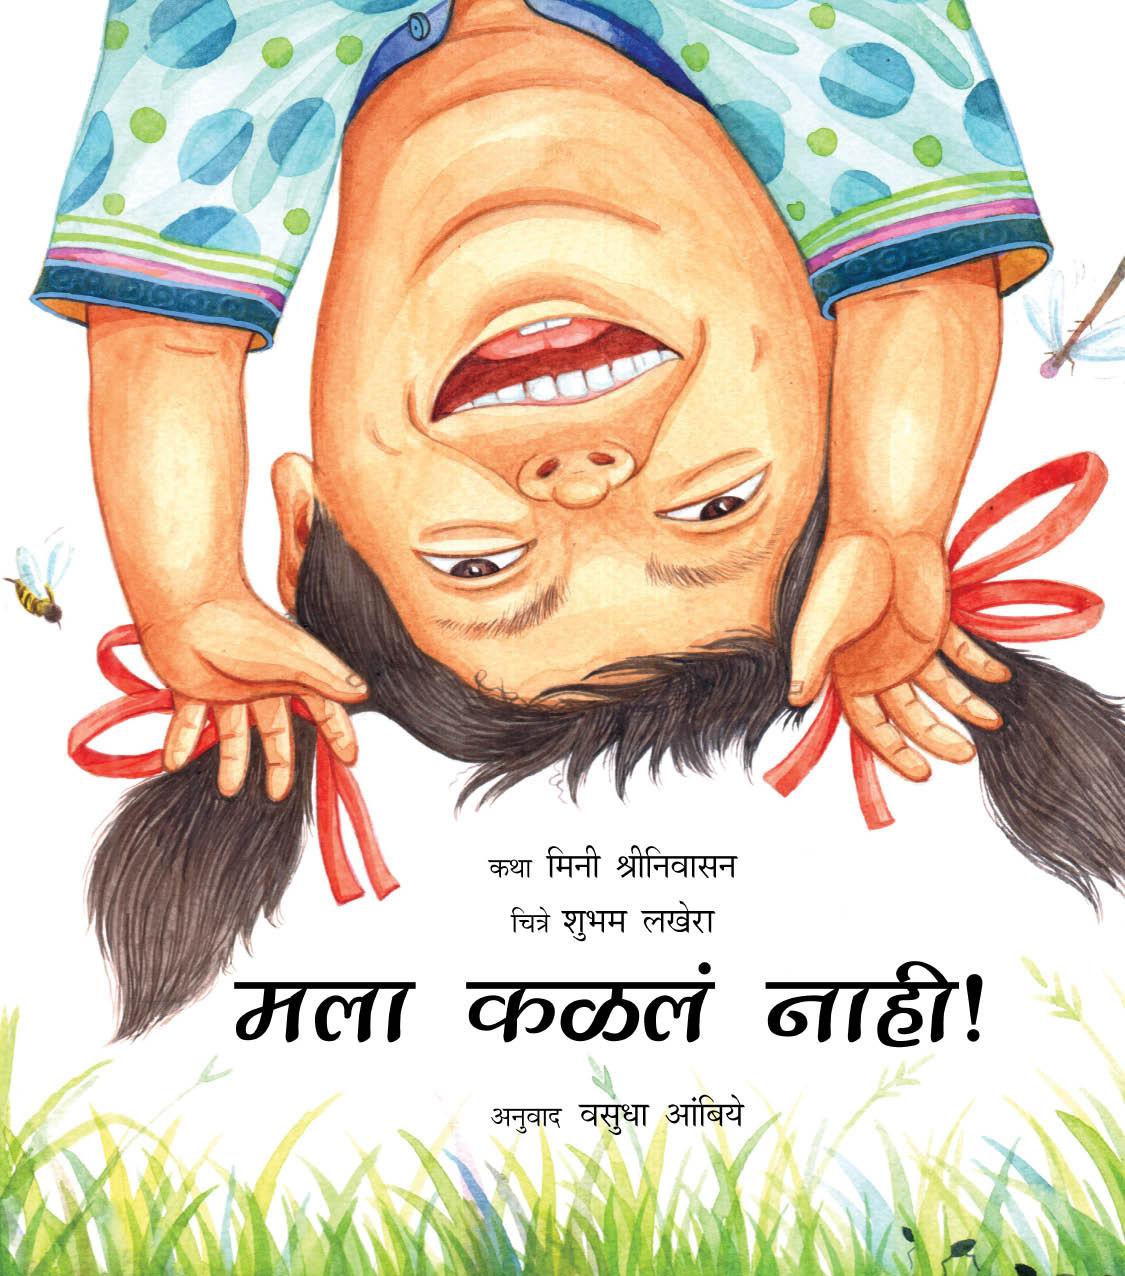 I Didn't Understand!/ Mala Kalala Naahi! (Marathi)